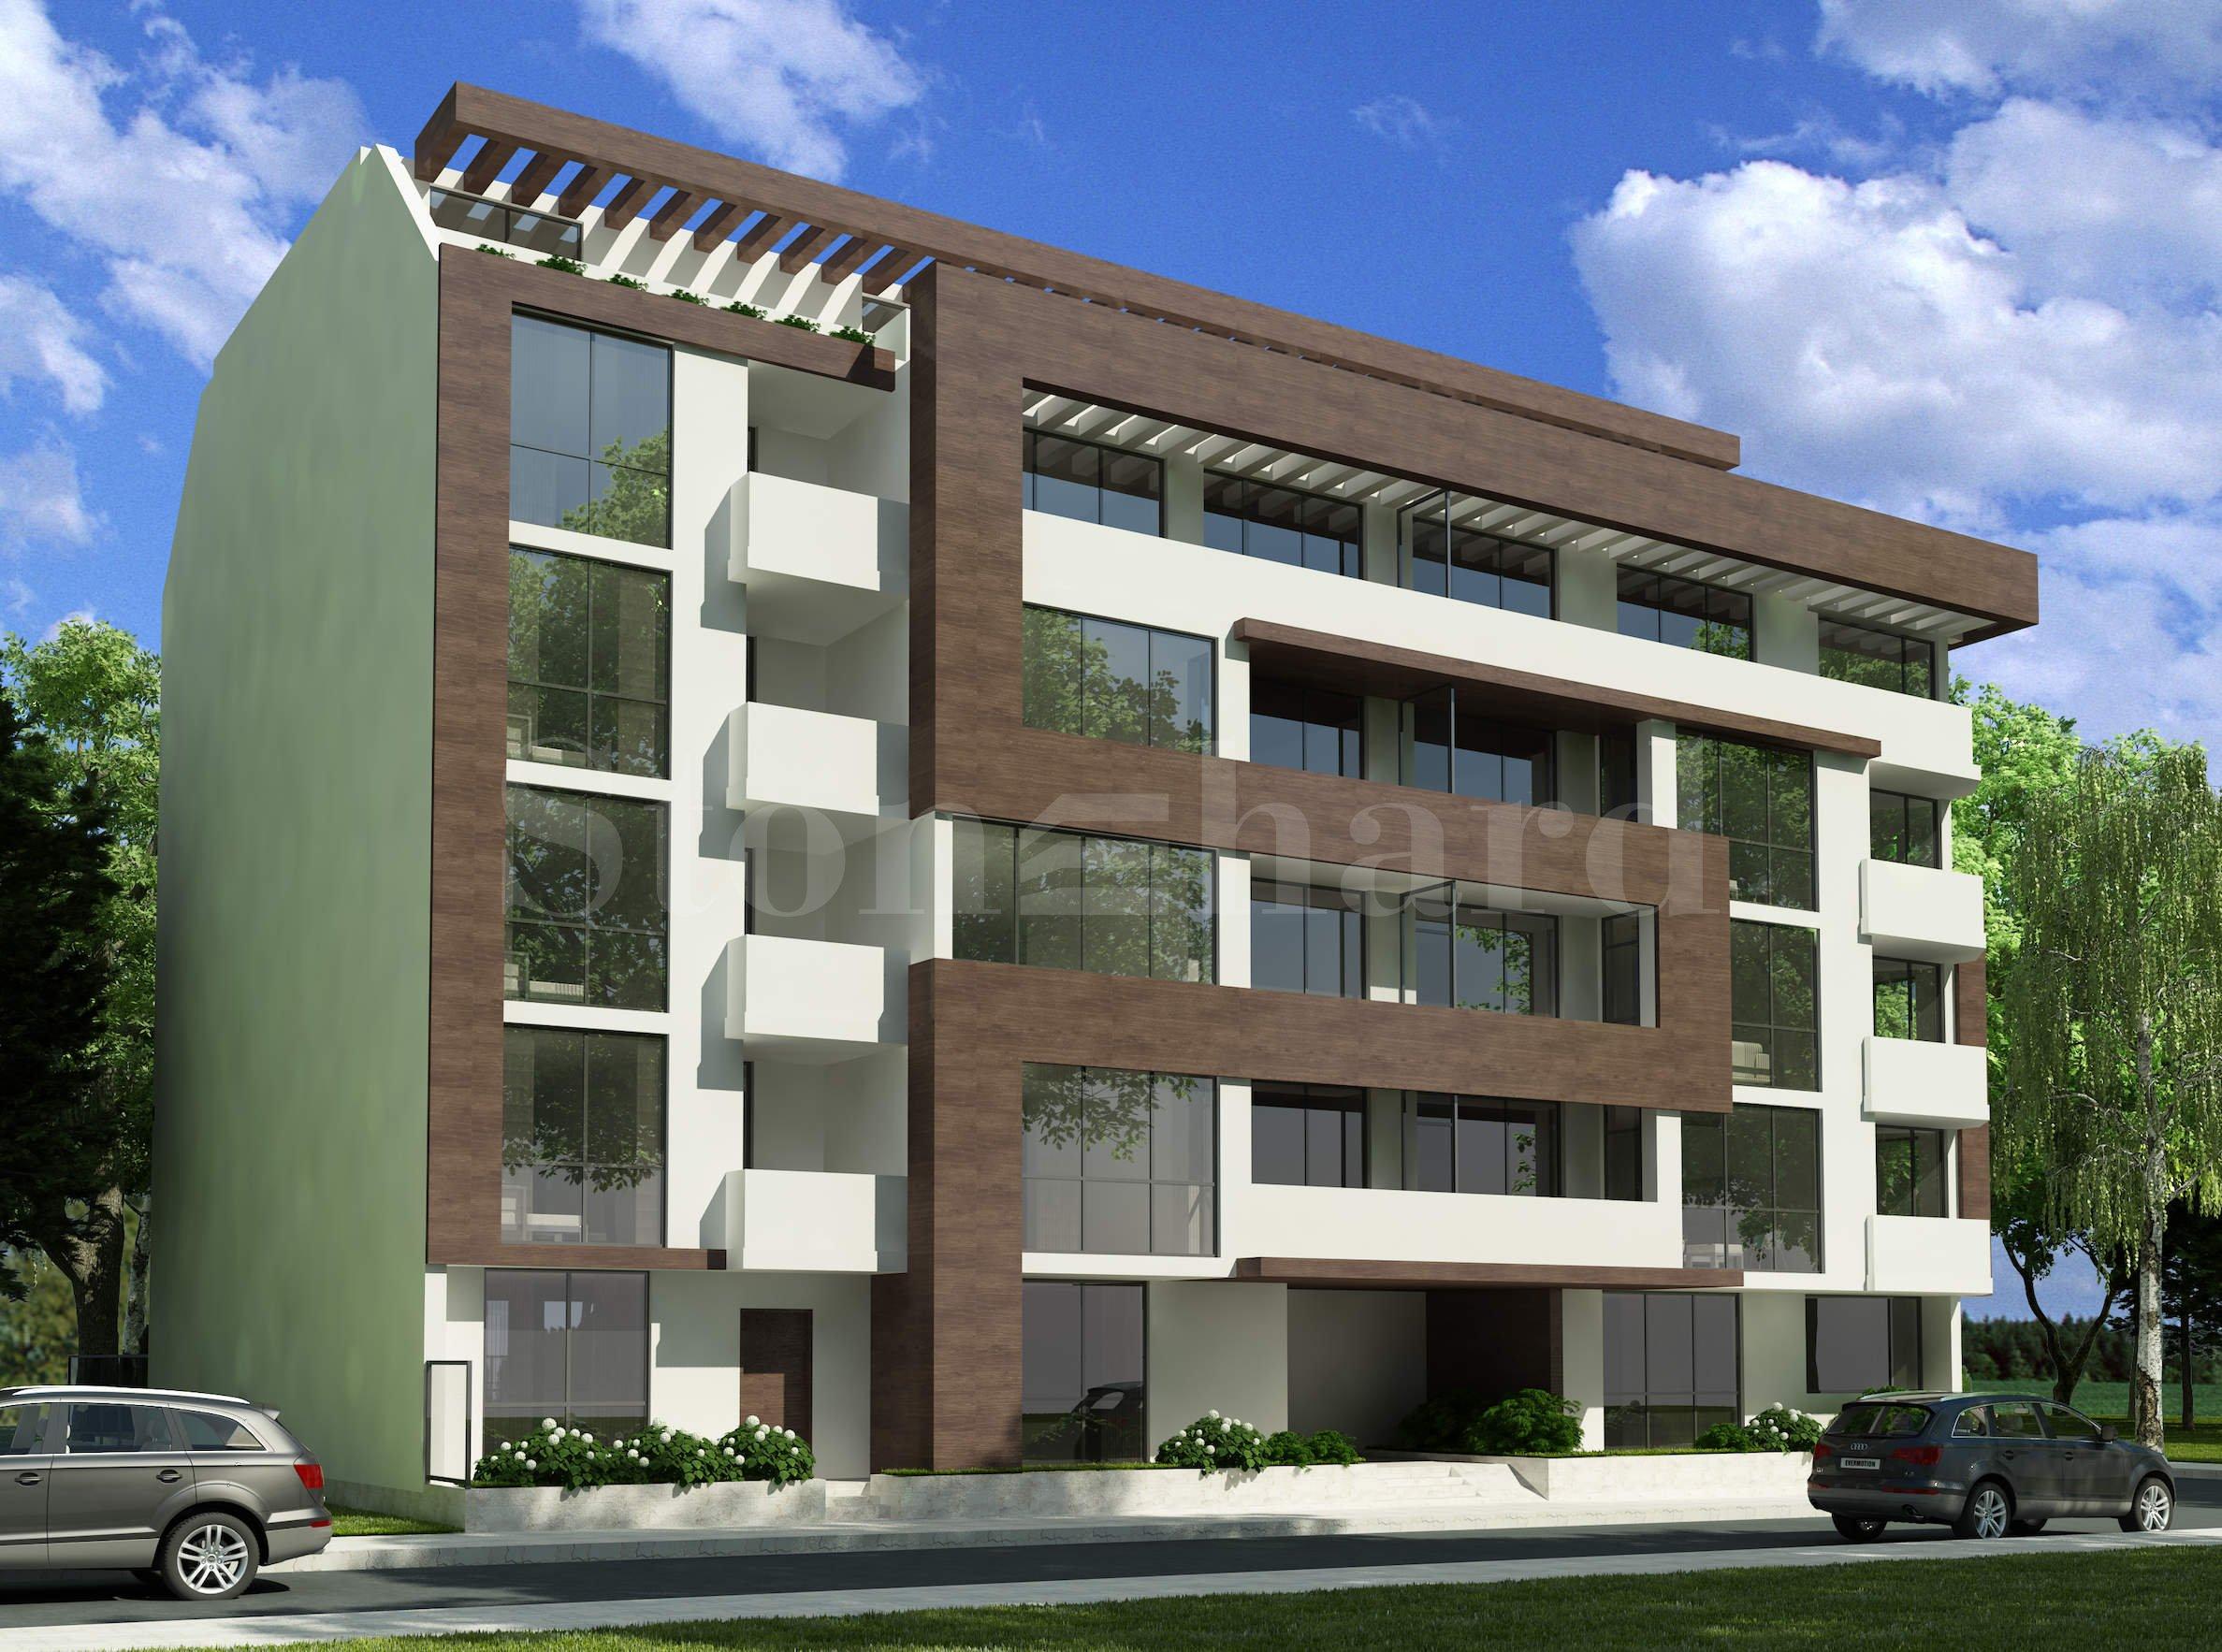 Нова жилищна сграда с апартаменти и гаражи1 - Stonehard